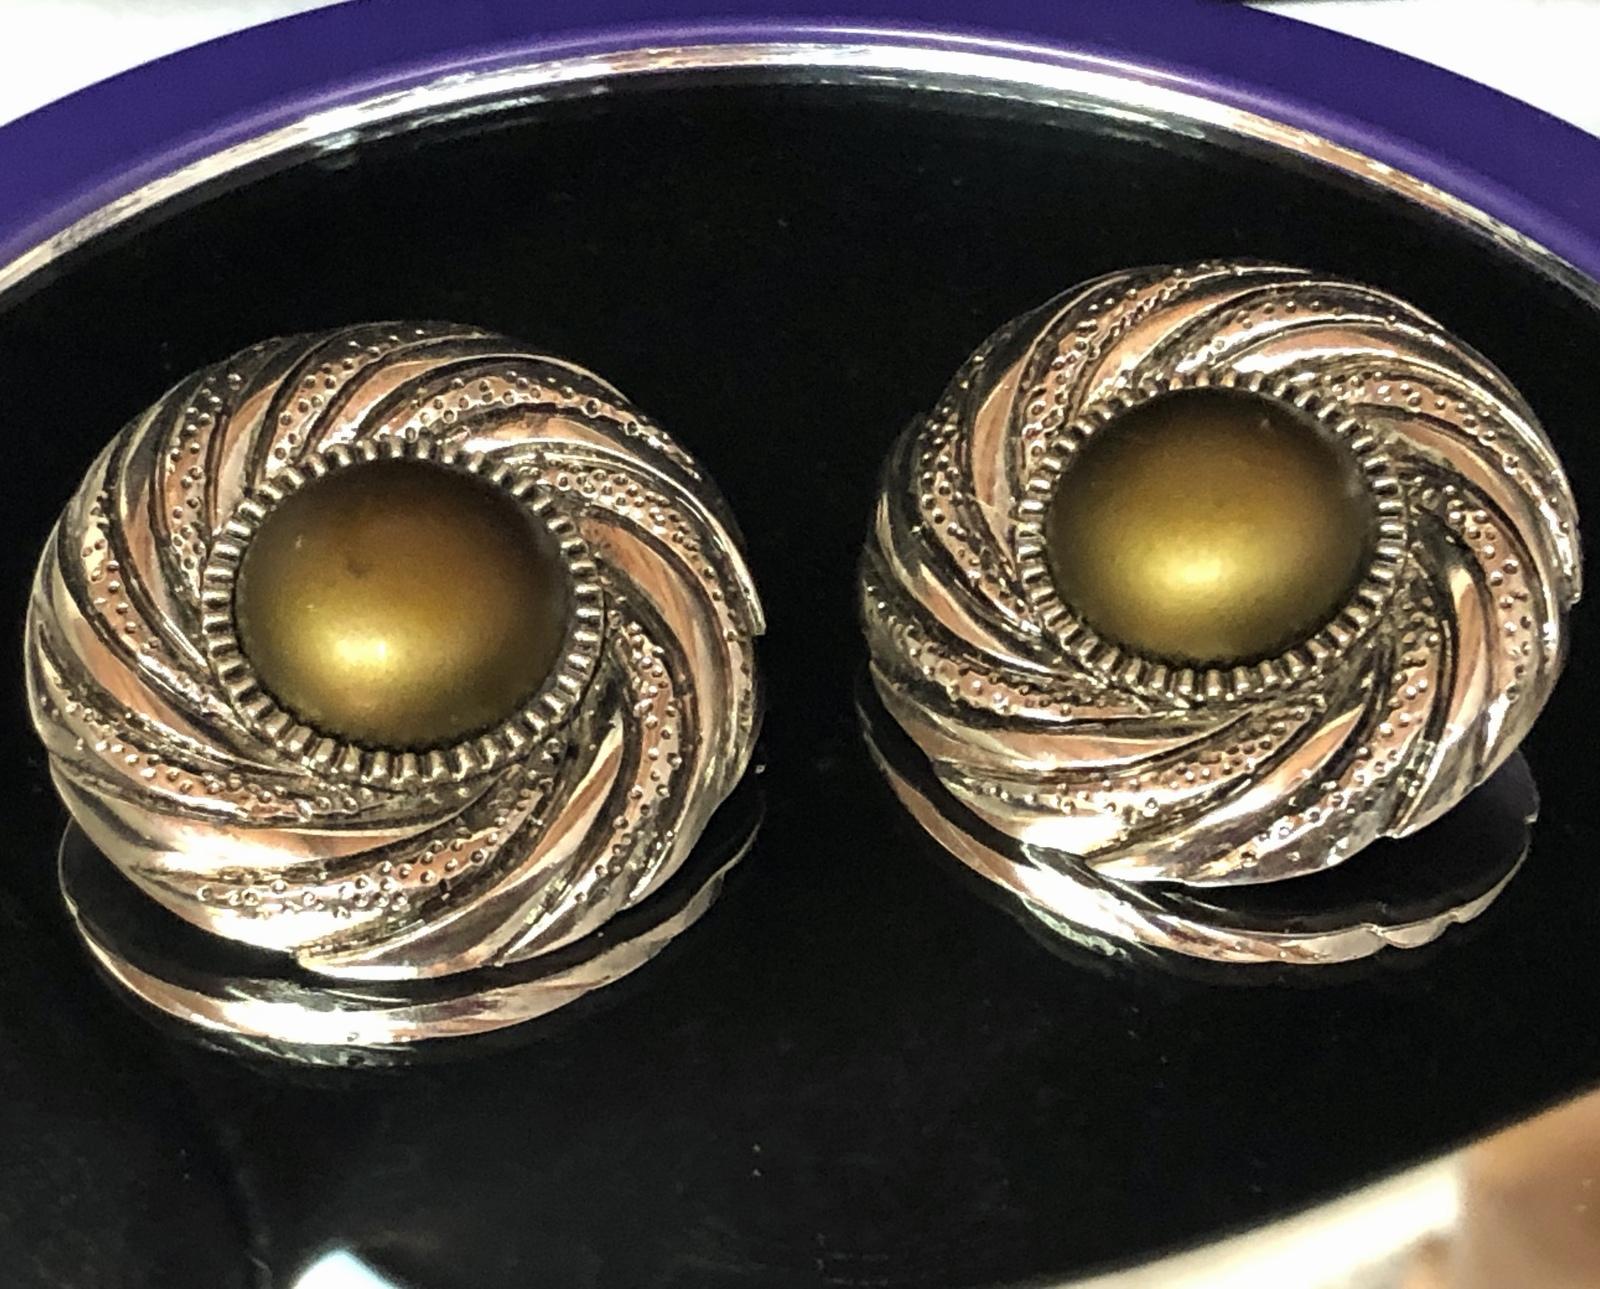 VTG 80s Swirl Medallion Olive-Bronze Centers/Silvertone Round Clip On Earrings